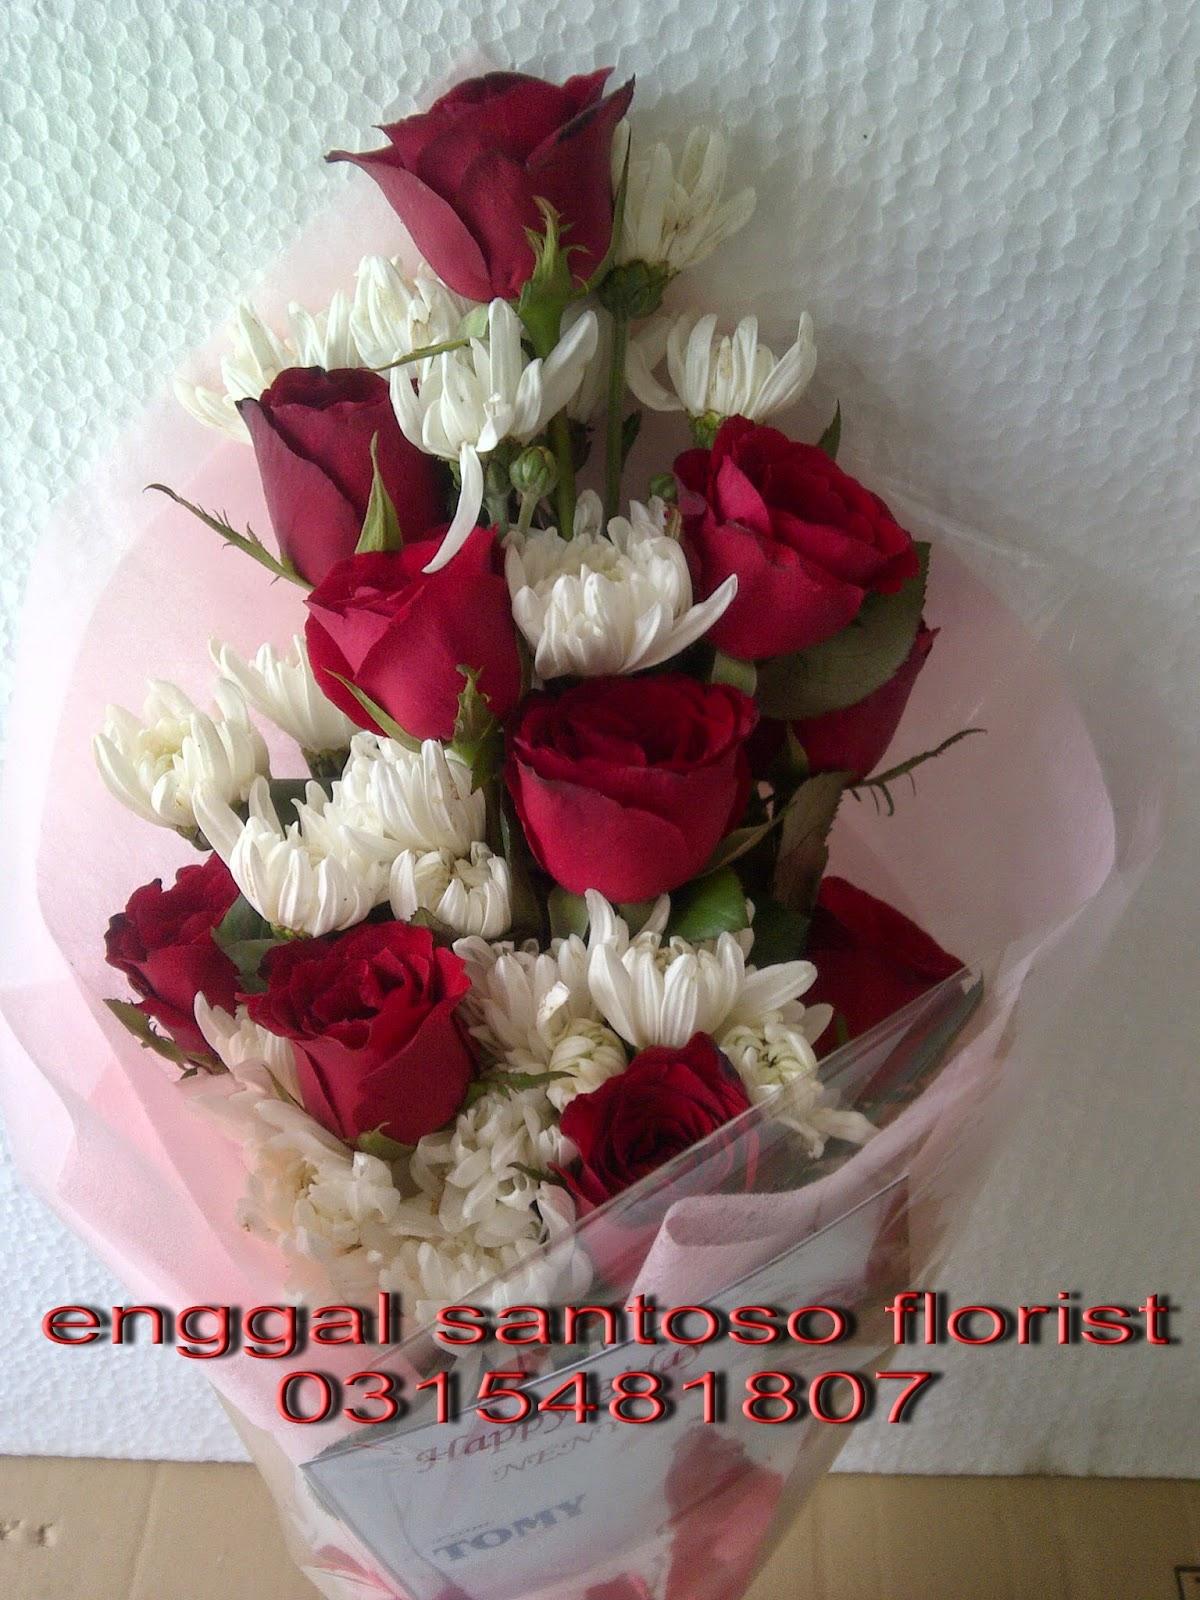 toko rangkaian karangan bunga tangan surabaya